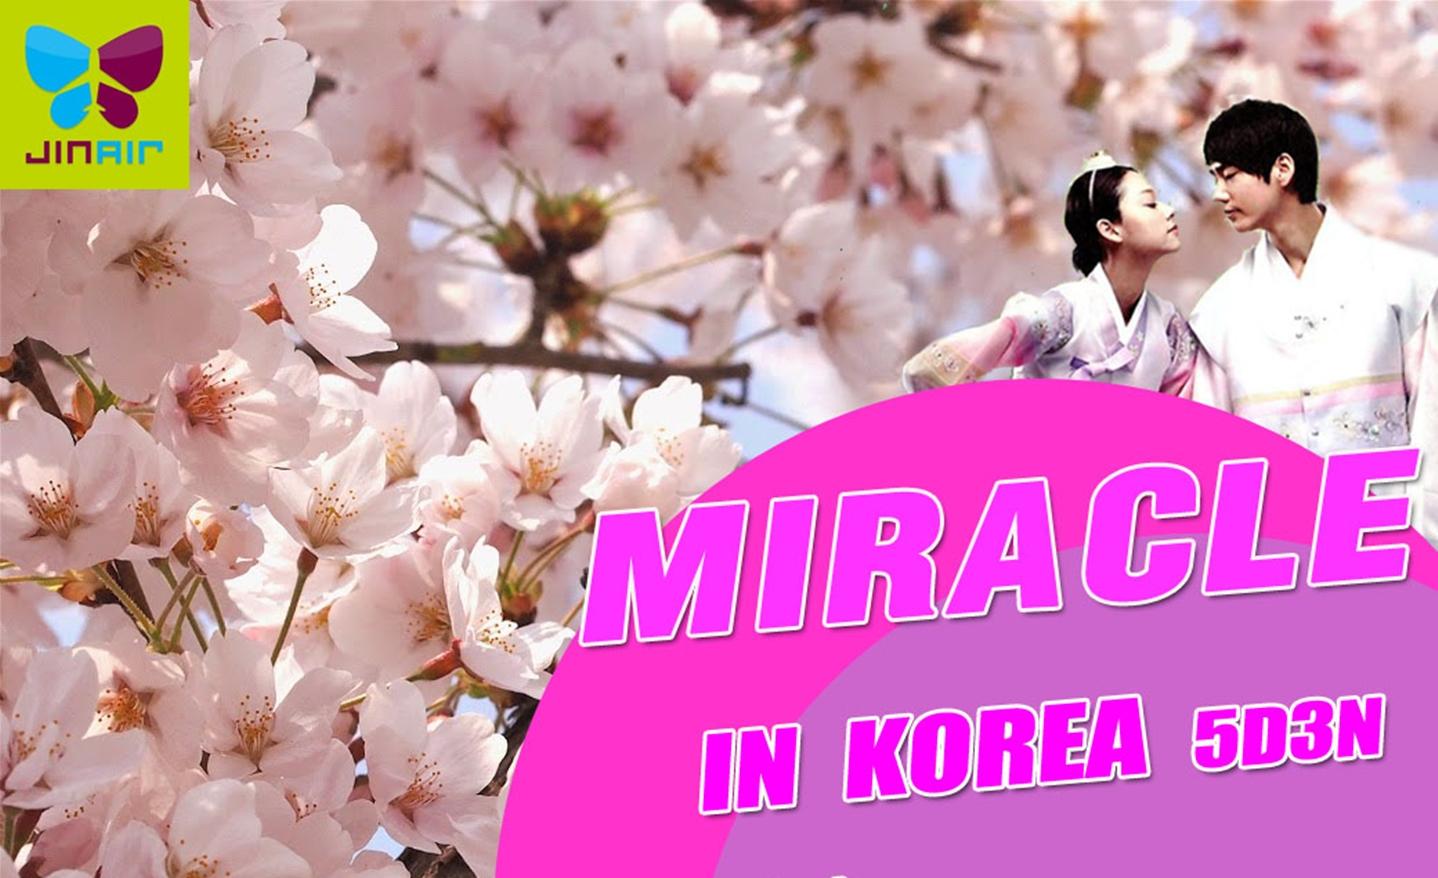 ทัวร์เกาหลี Miracle In Korea (มี.ค.-เม.ย.62)